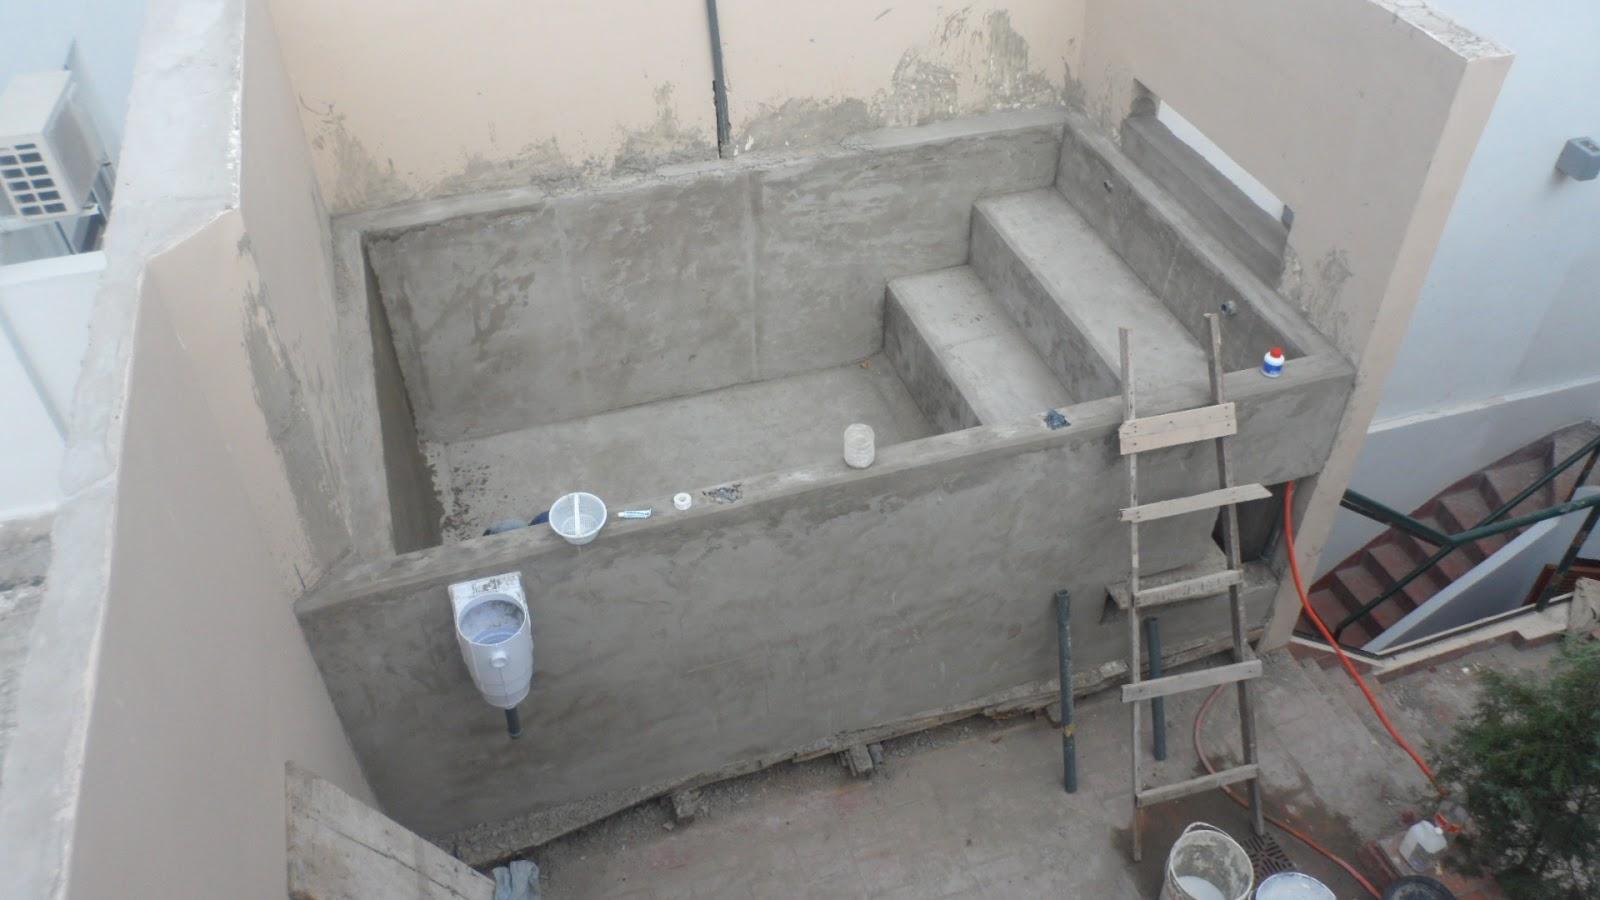 Construcci n de piscinas en terrazas y azoteas for Construccion de piscinas de hormigon